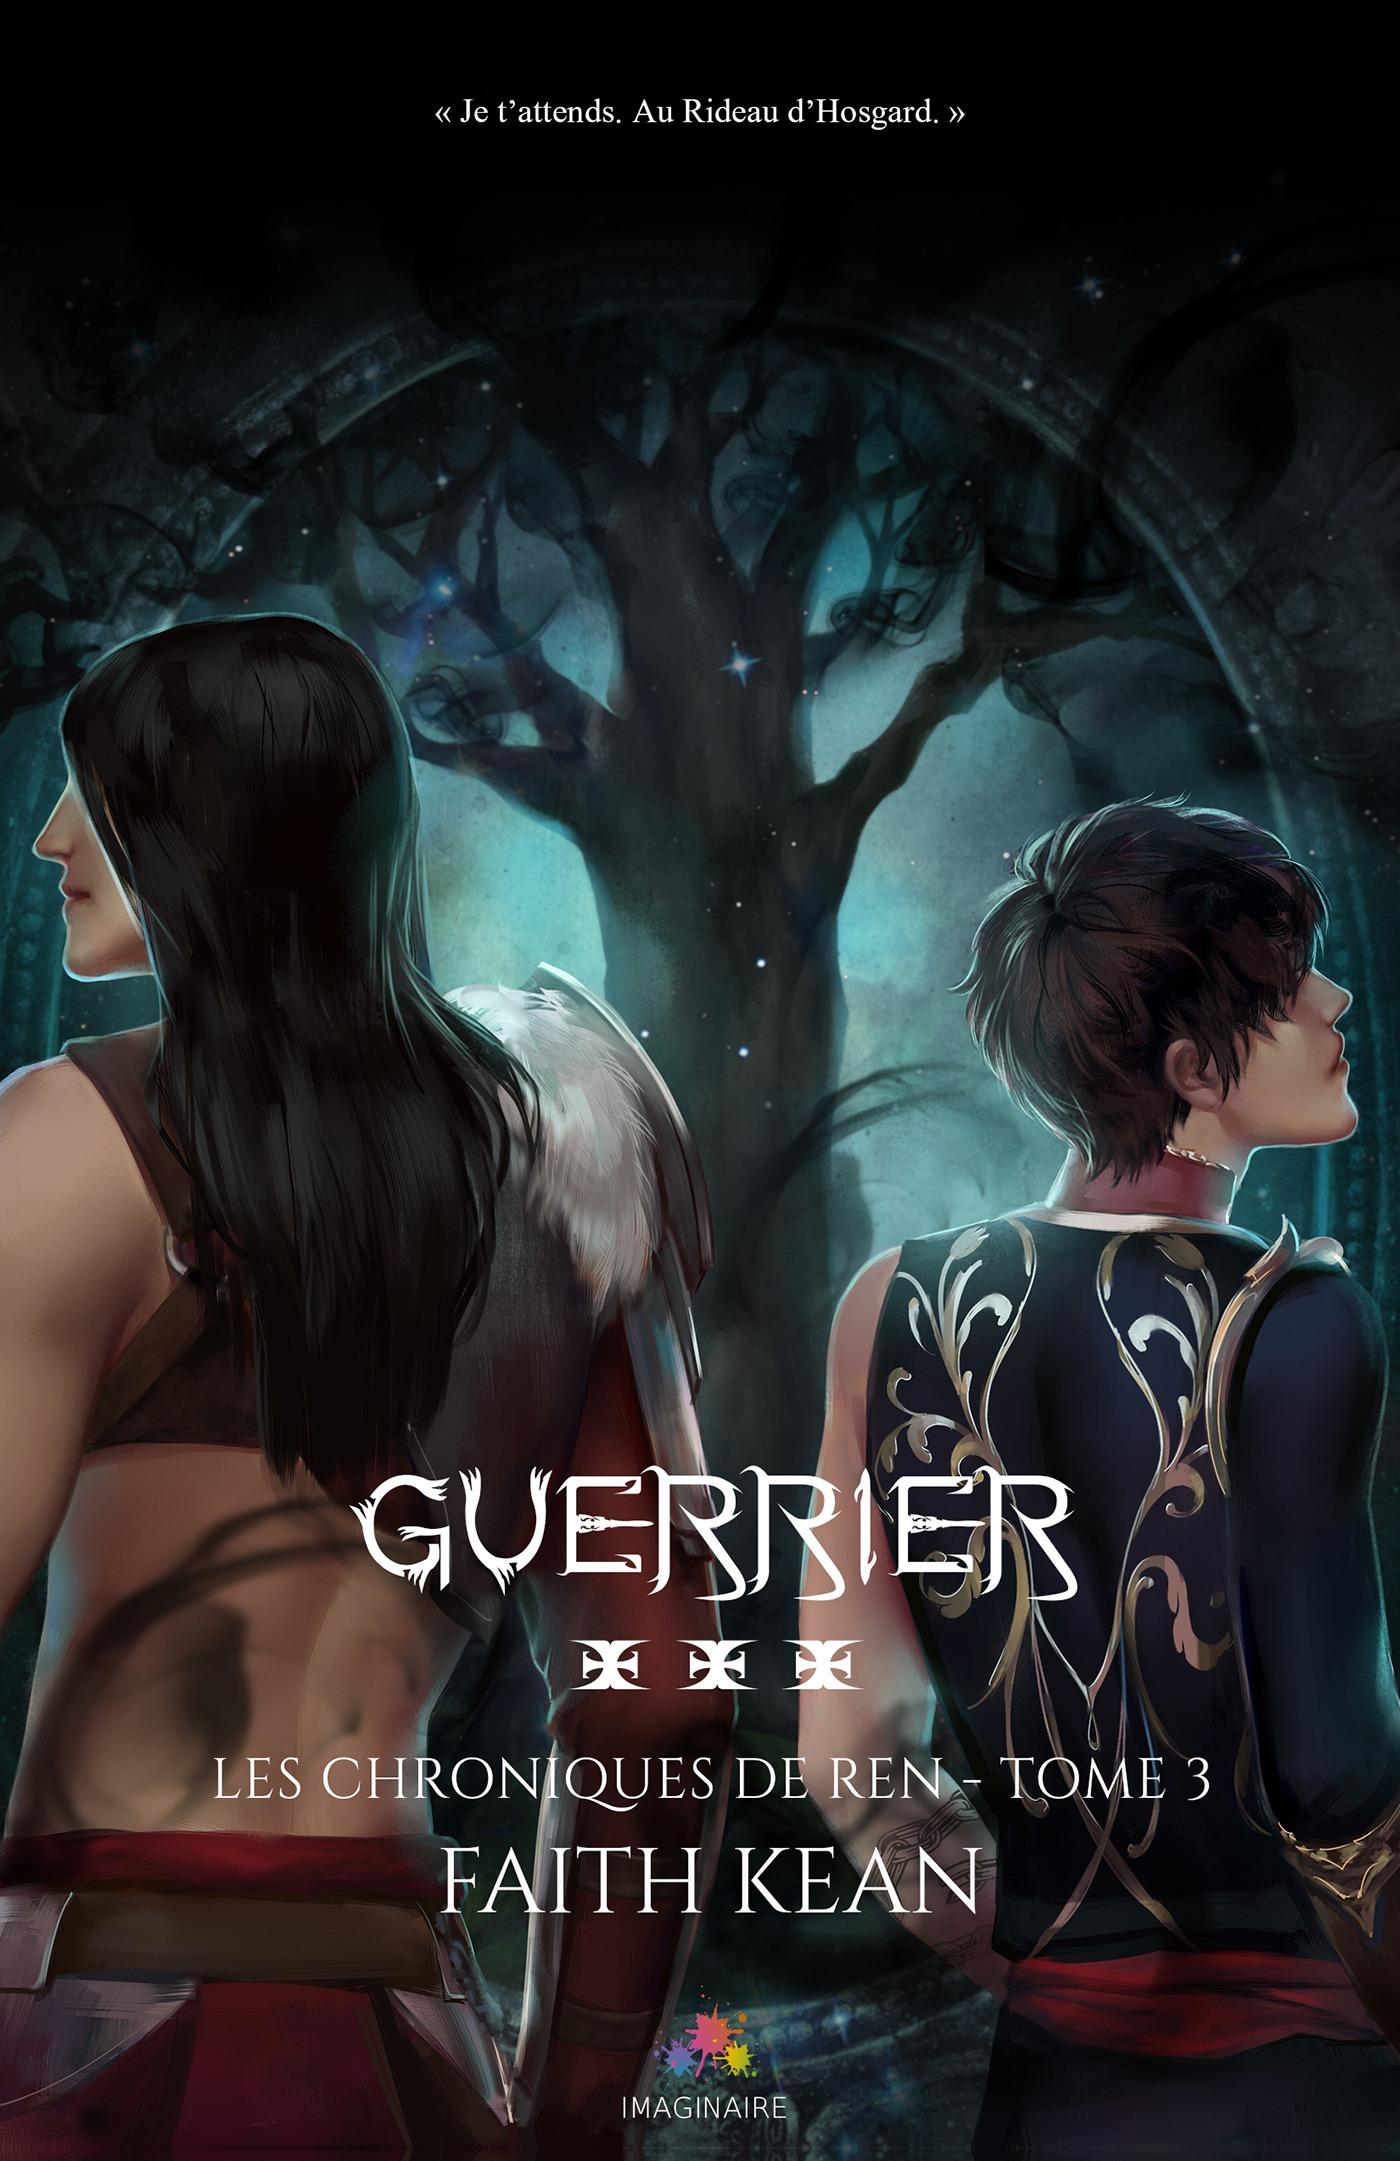 Guerrier, LES CHRONIQUES DE REN, T3